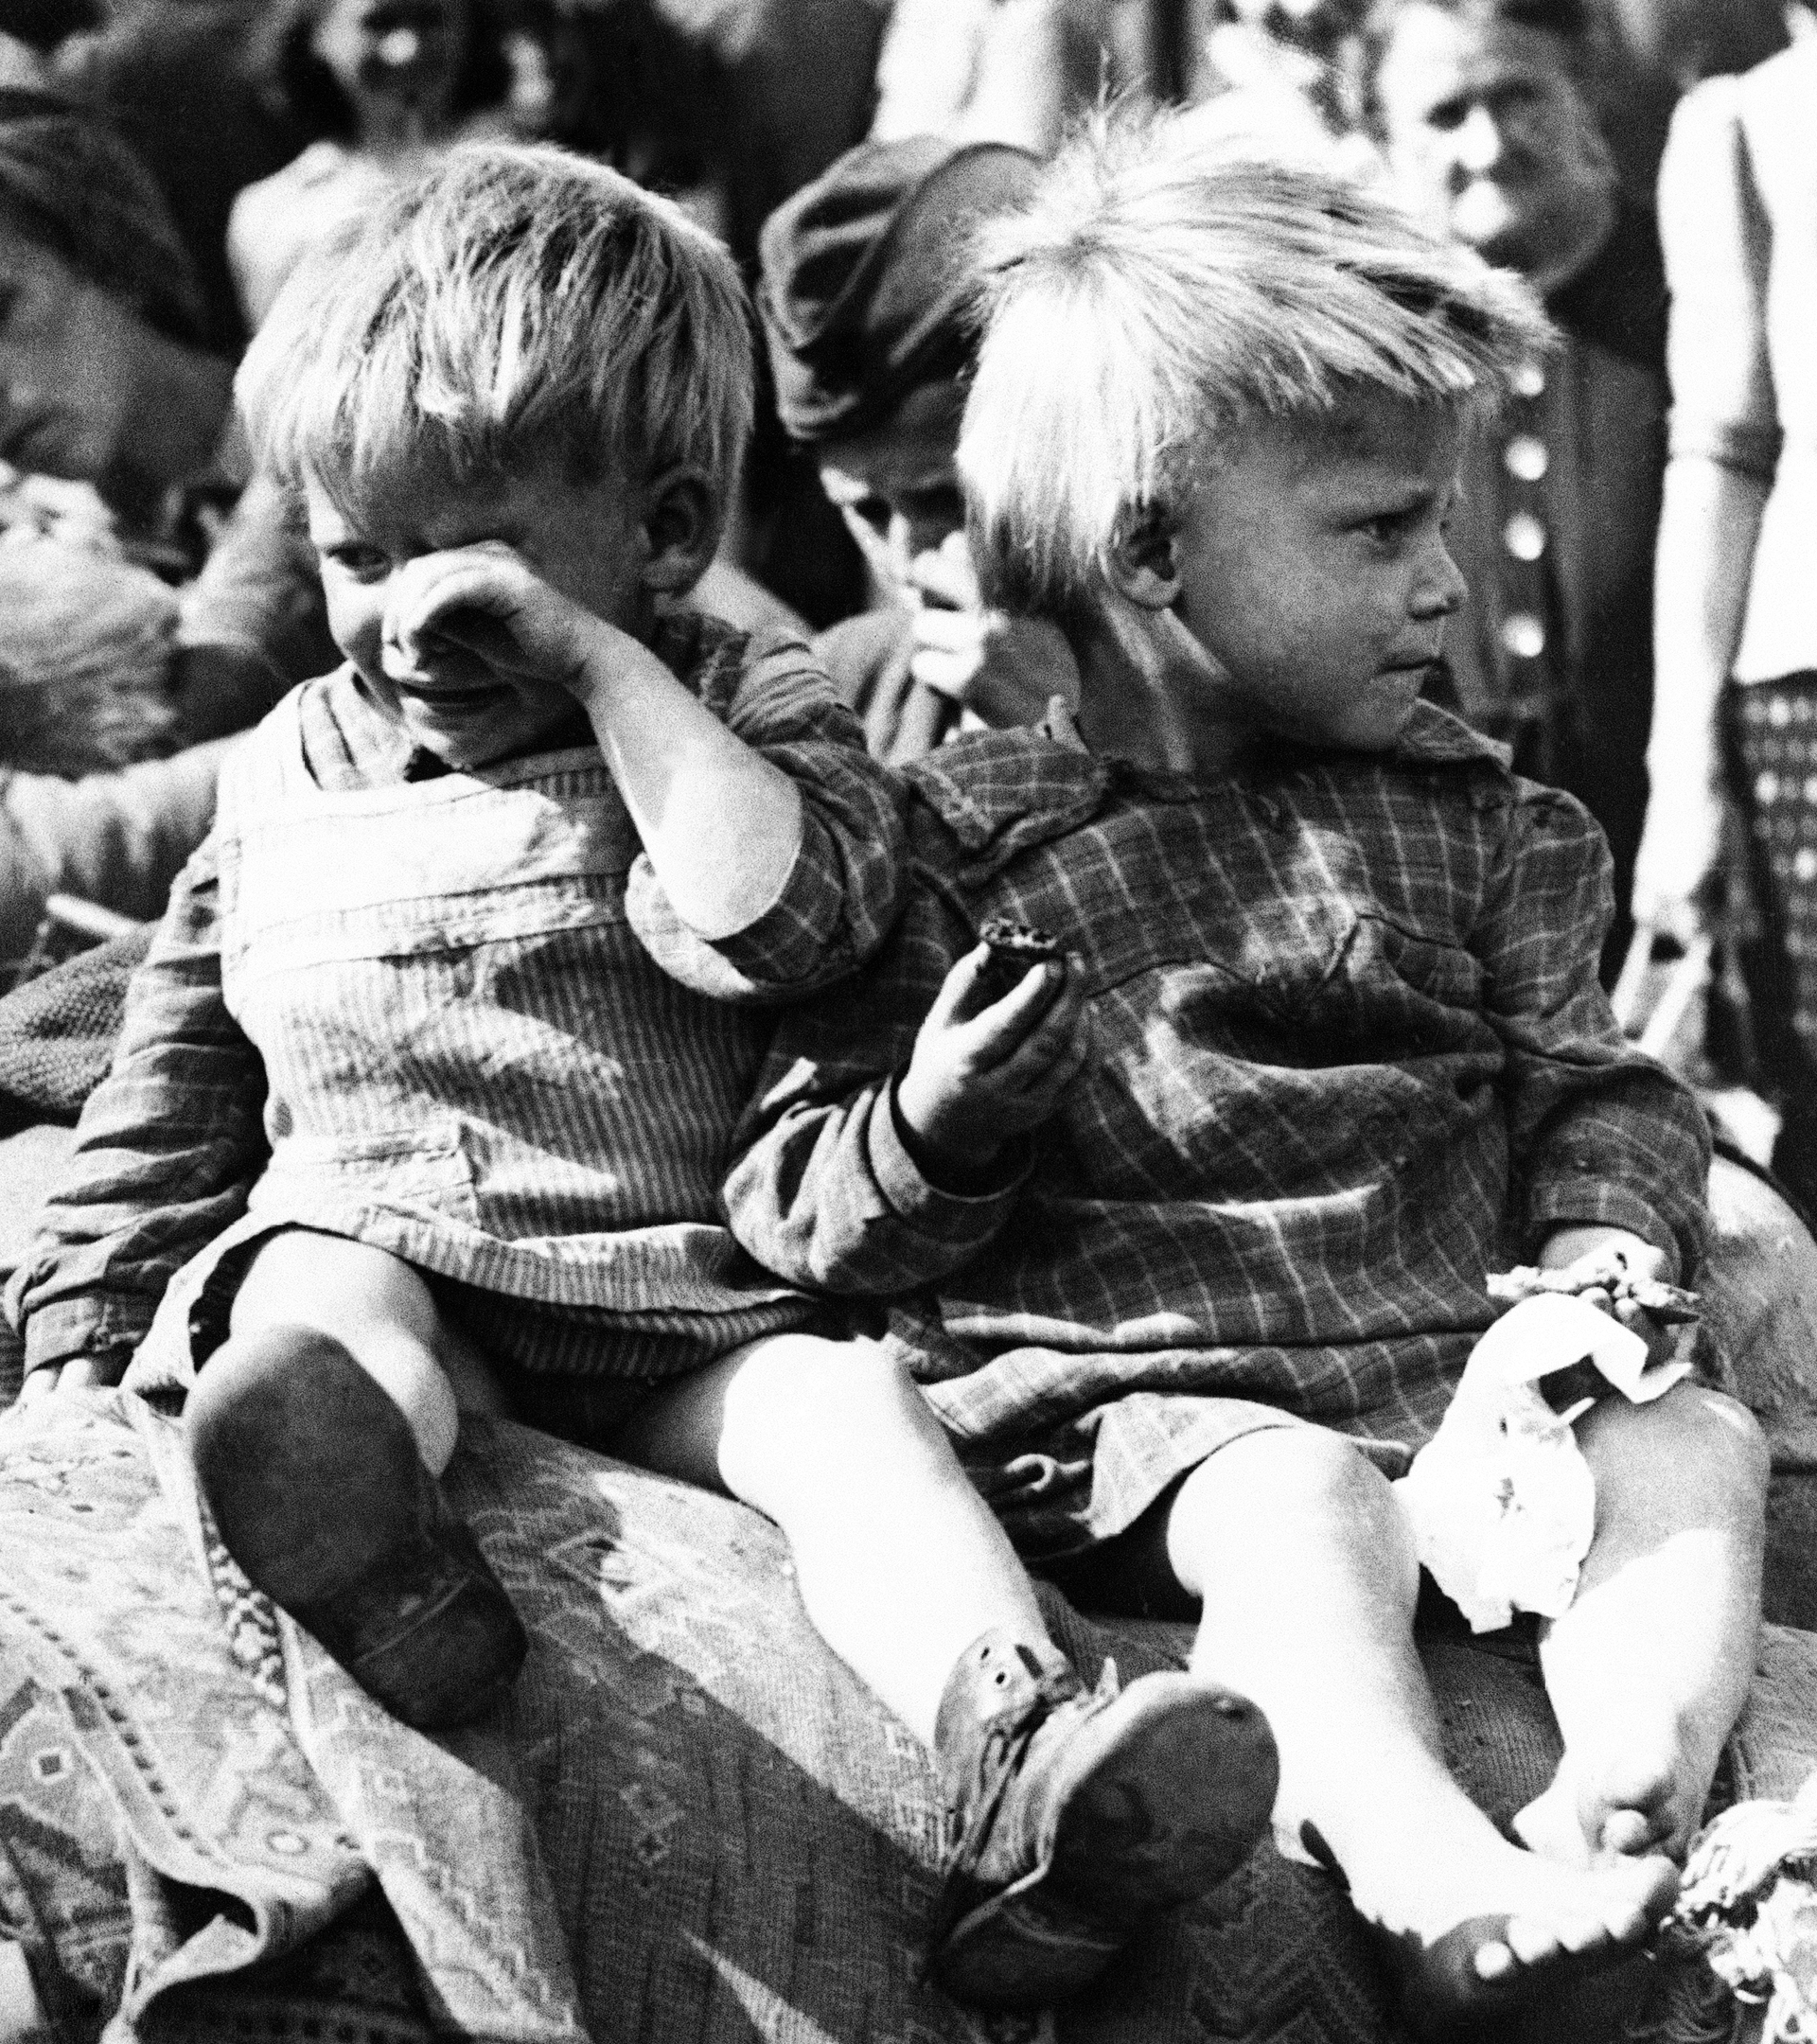 Un niño alemán llora durante el traslado a un orfanato de Berlín en 1945